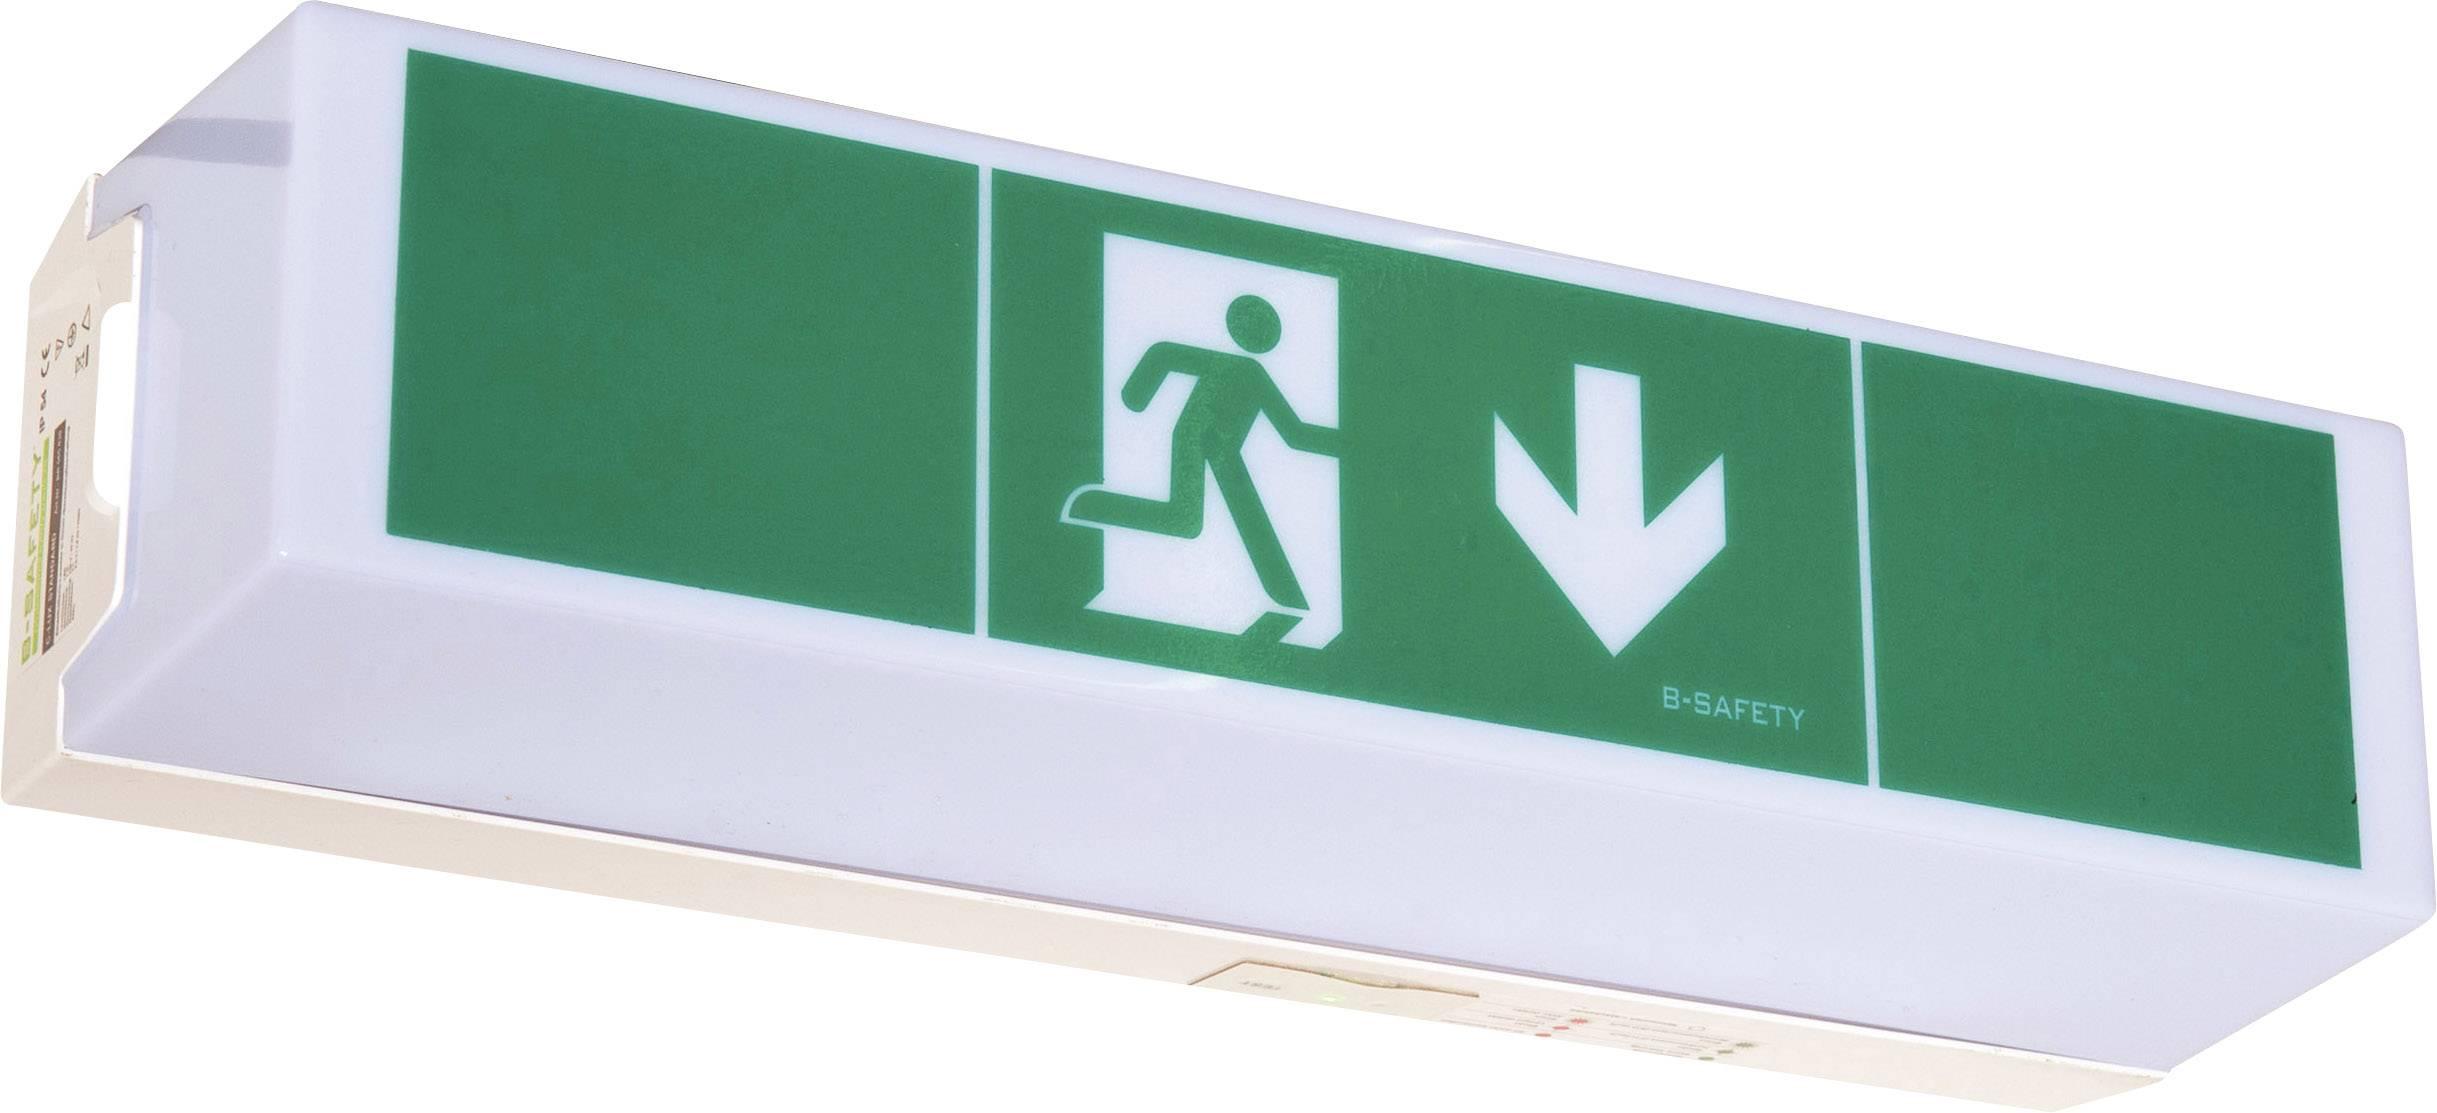 Nouzové světelné značení B-Safety C-Lux Standard (BR 565 030)